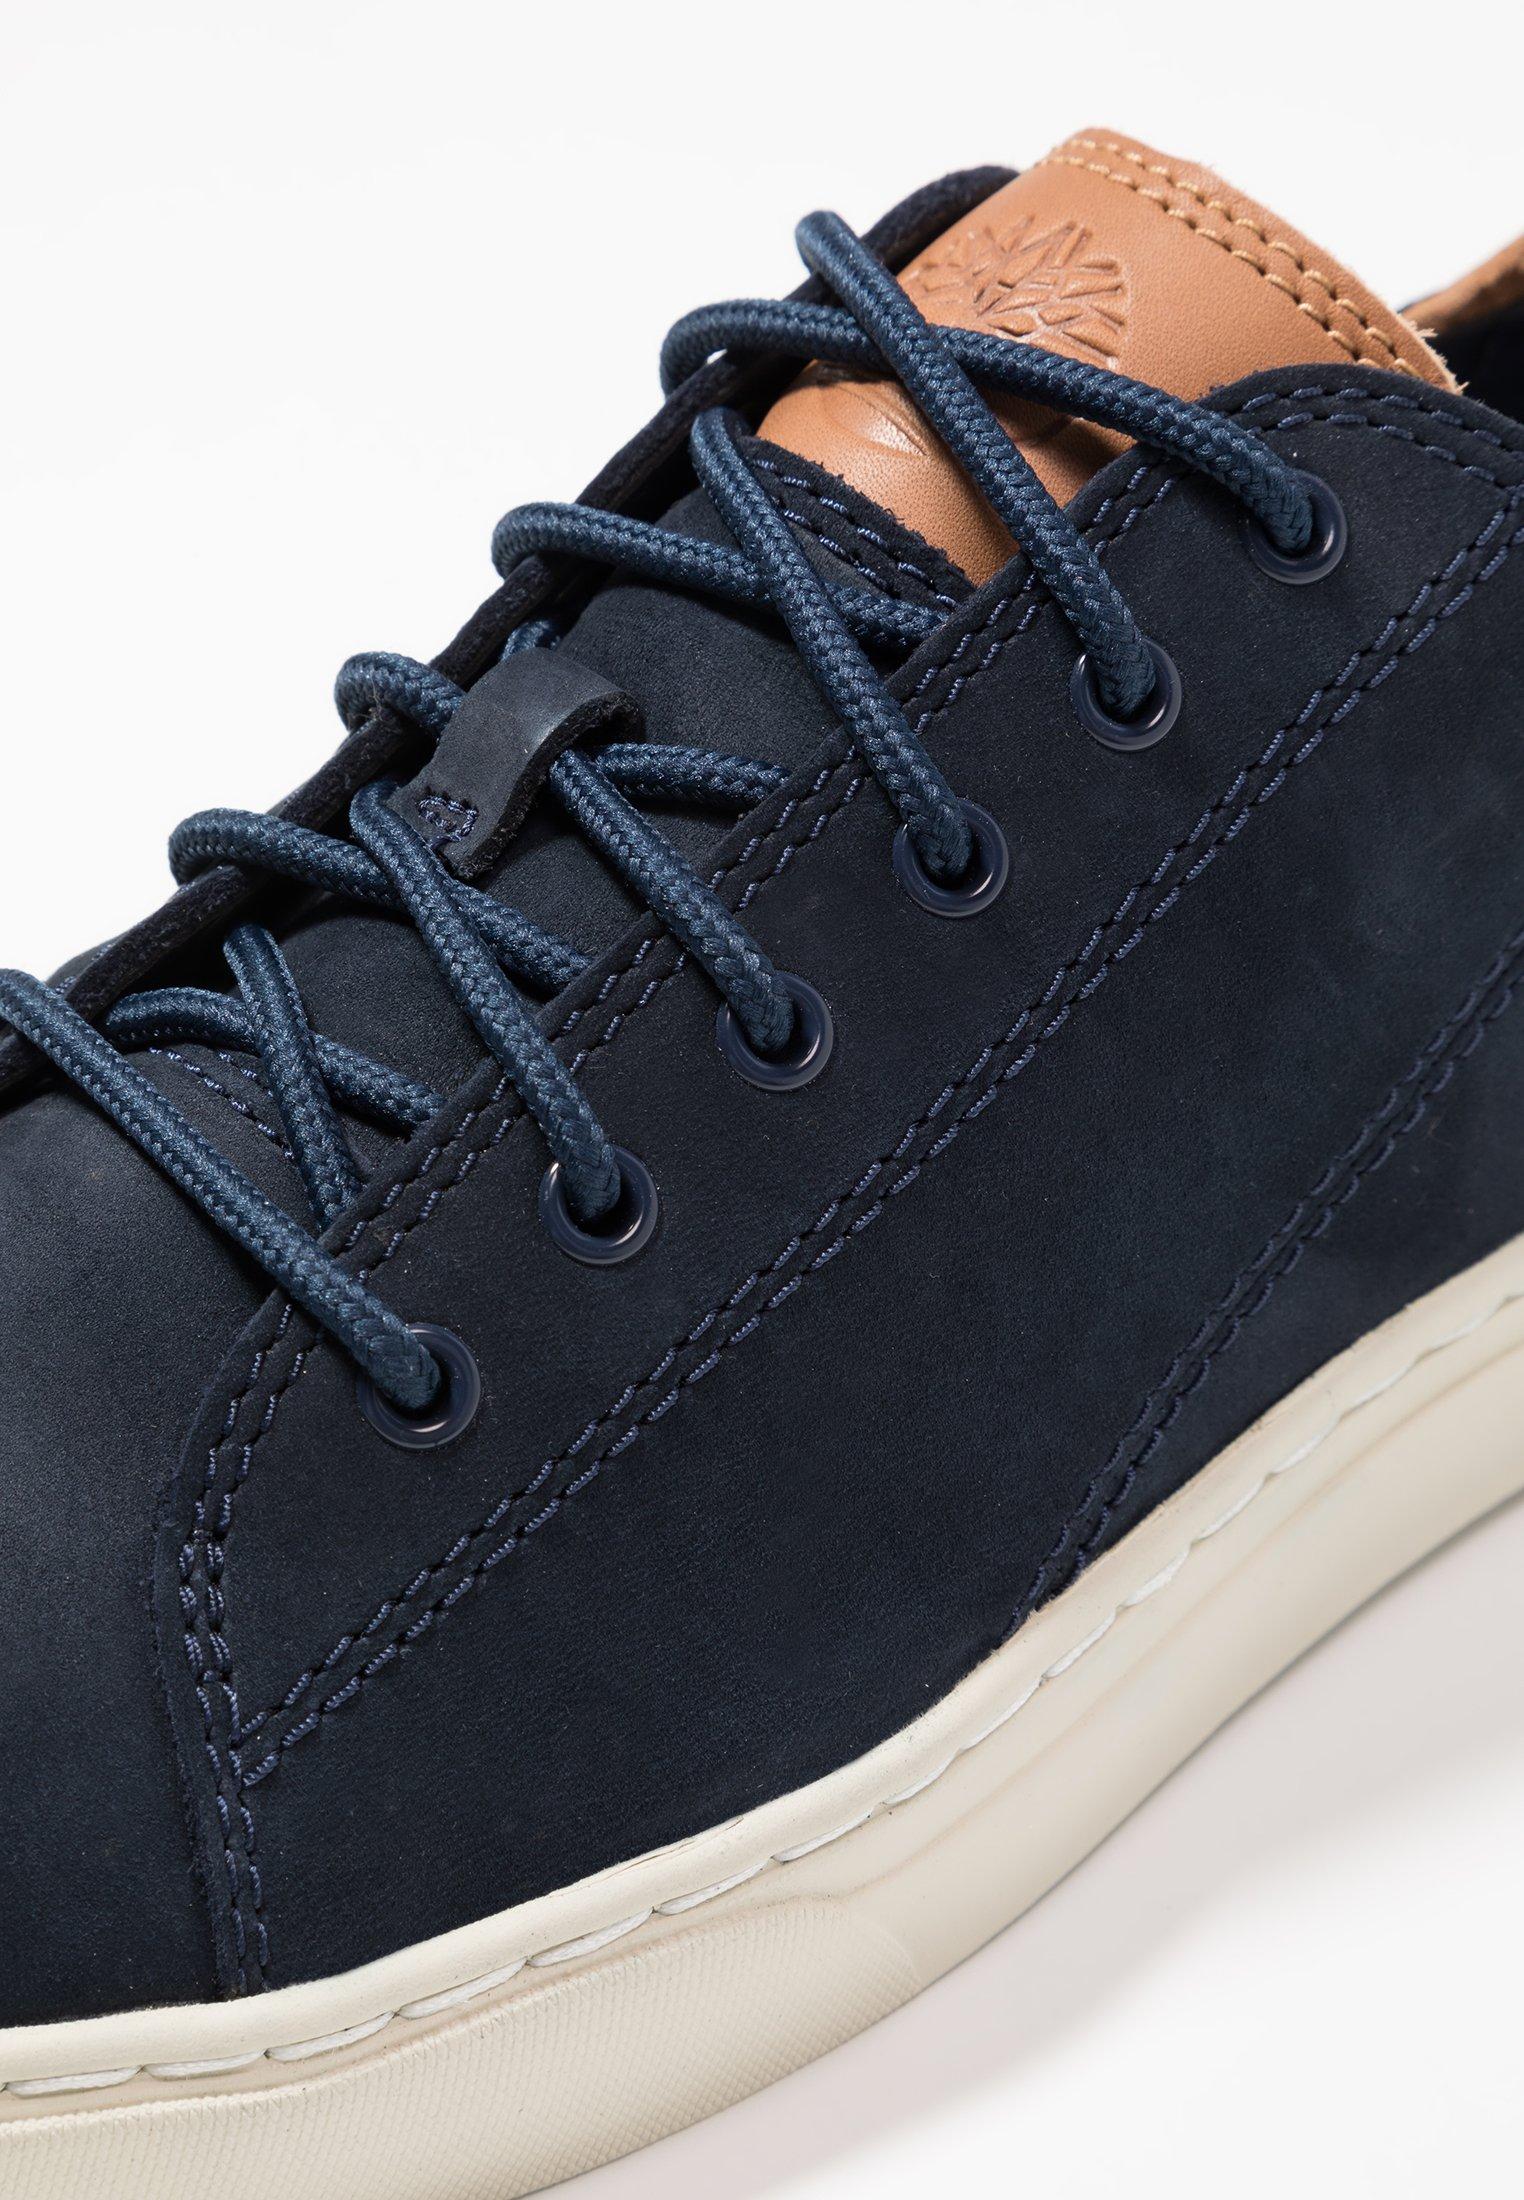 Timberland Adventure 2.0 - Sneakers Laag Navy Goedkope Schoenen